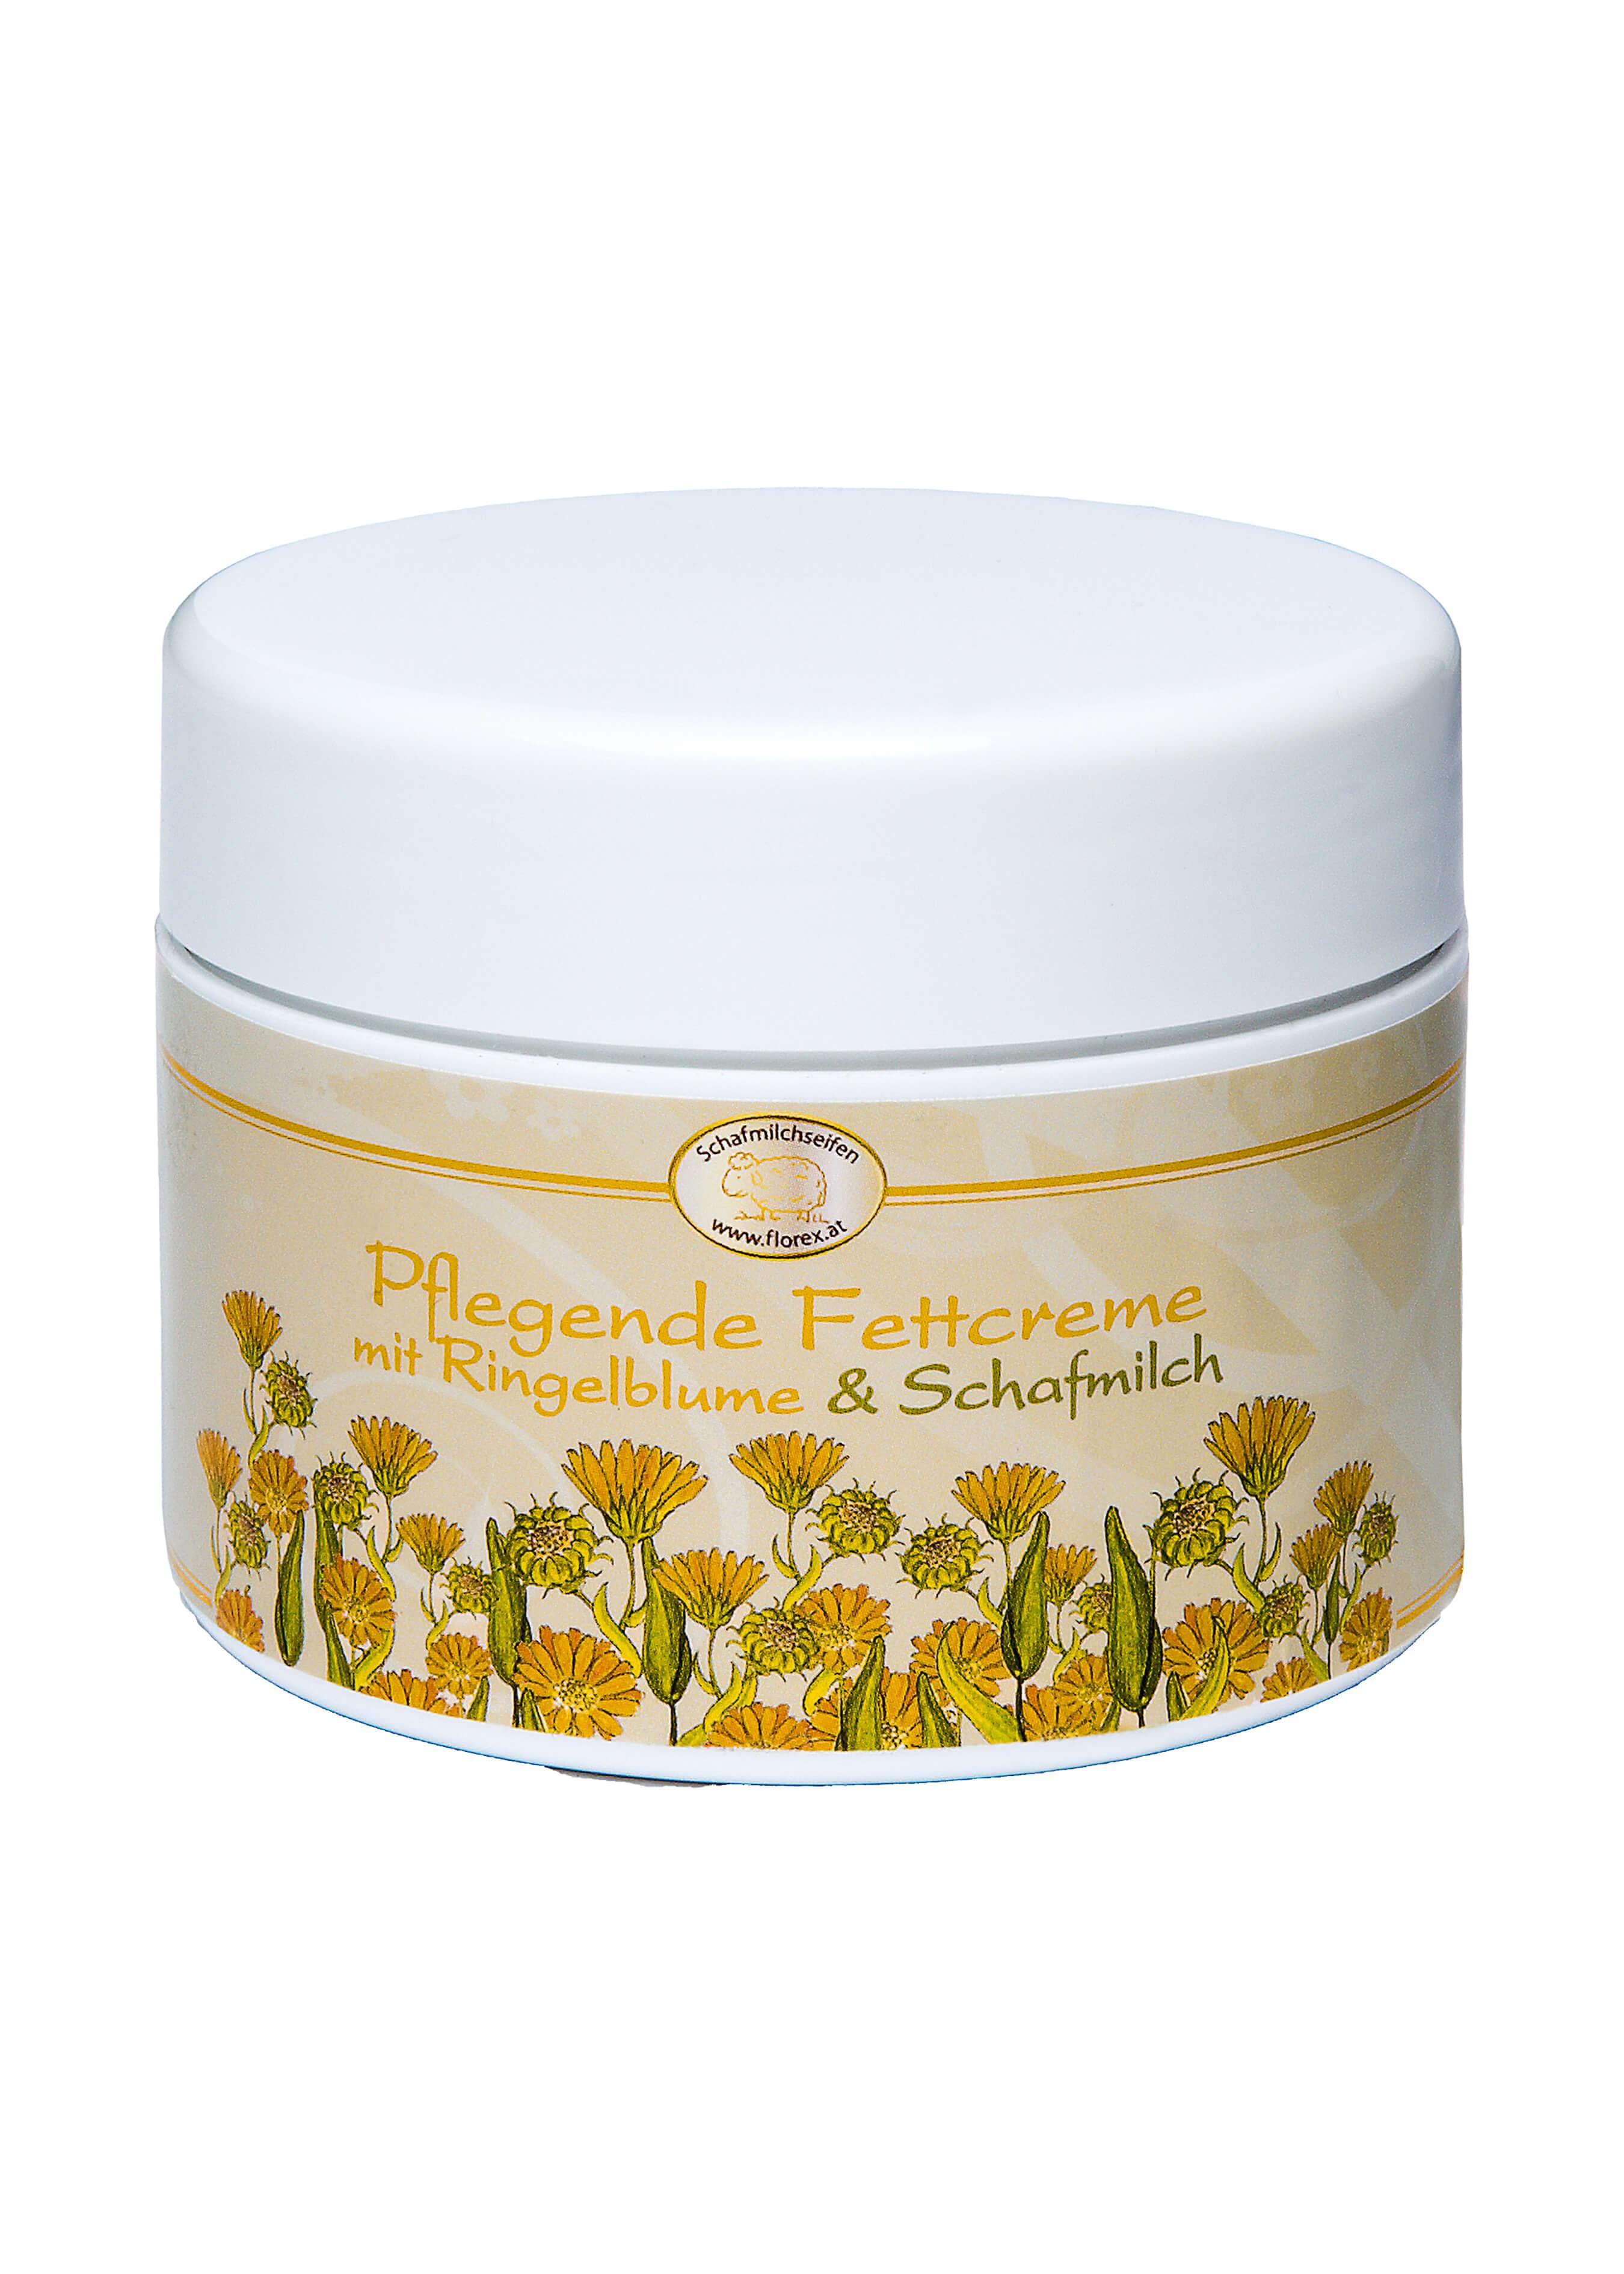 Fettcrème Ringelblume mit Schafmilch L19400 1